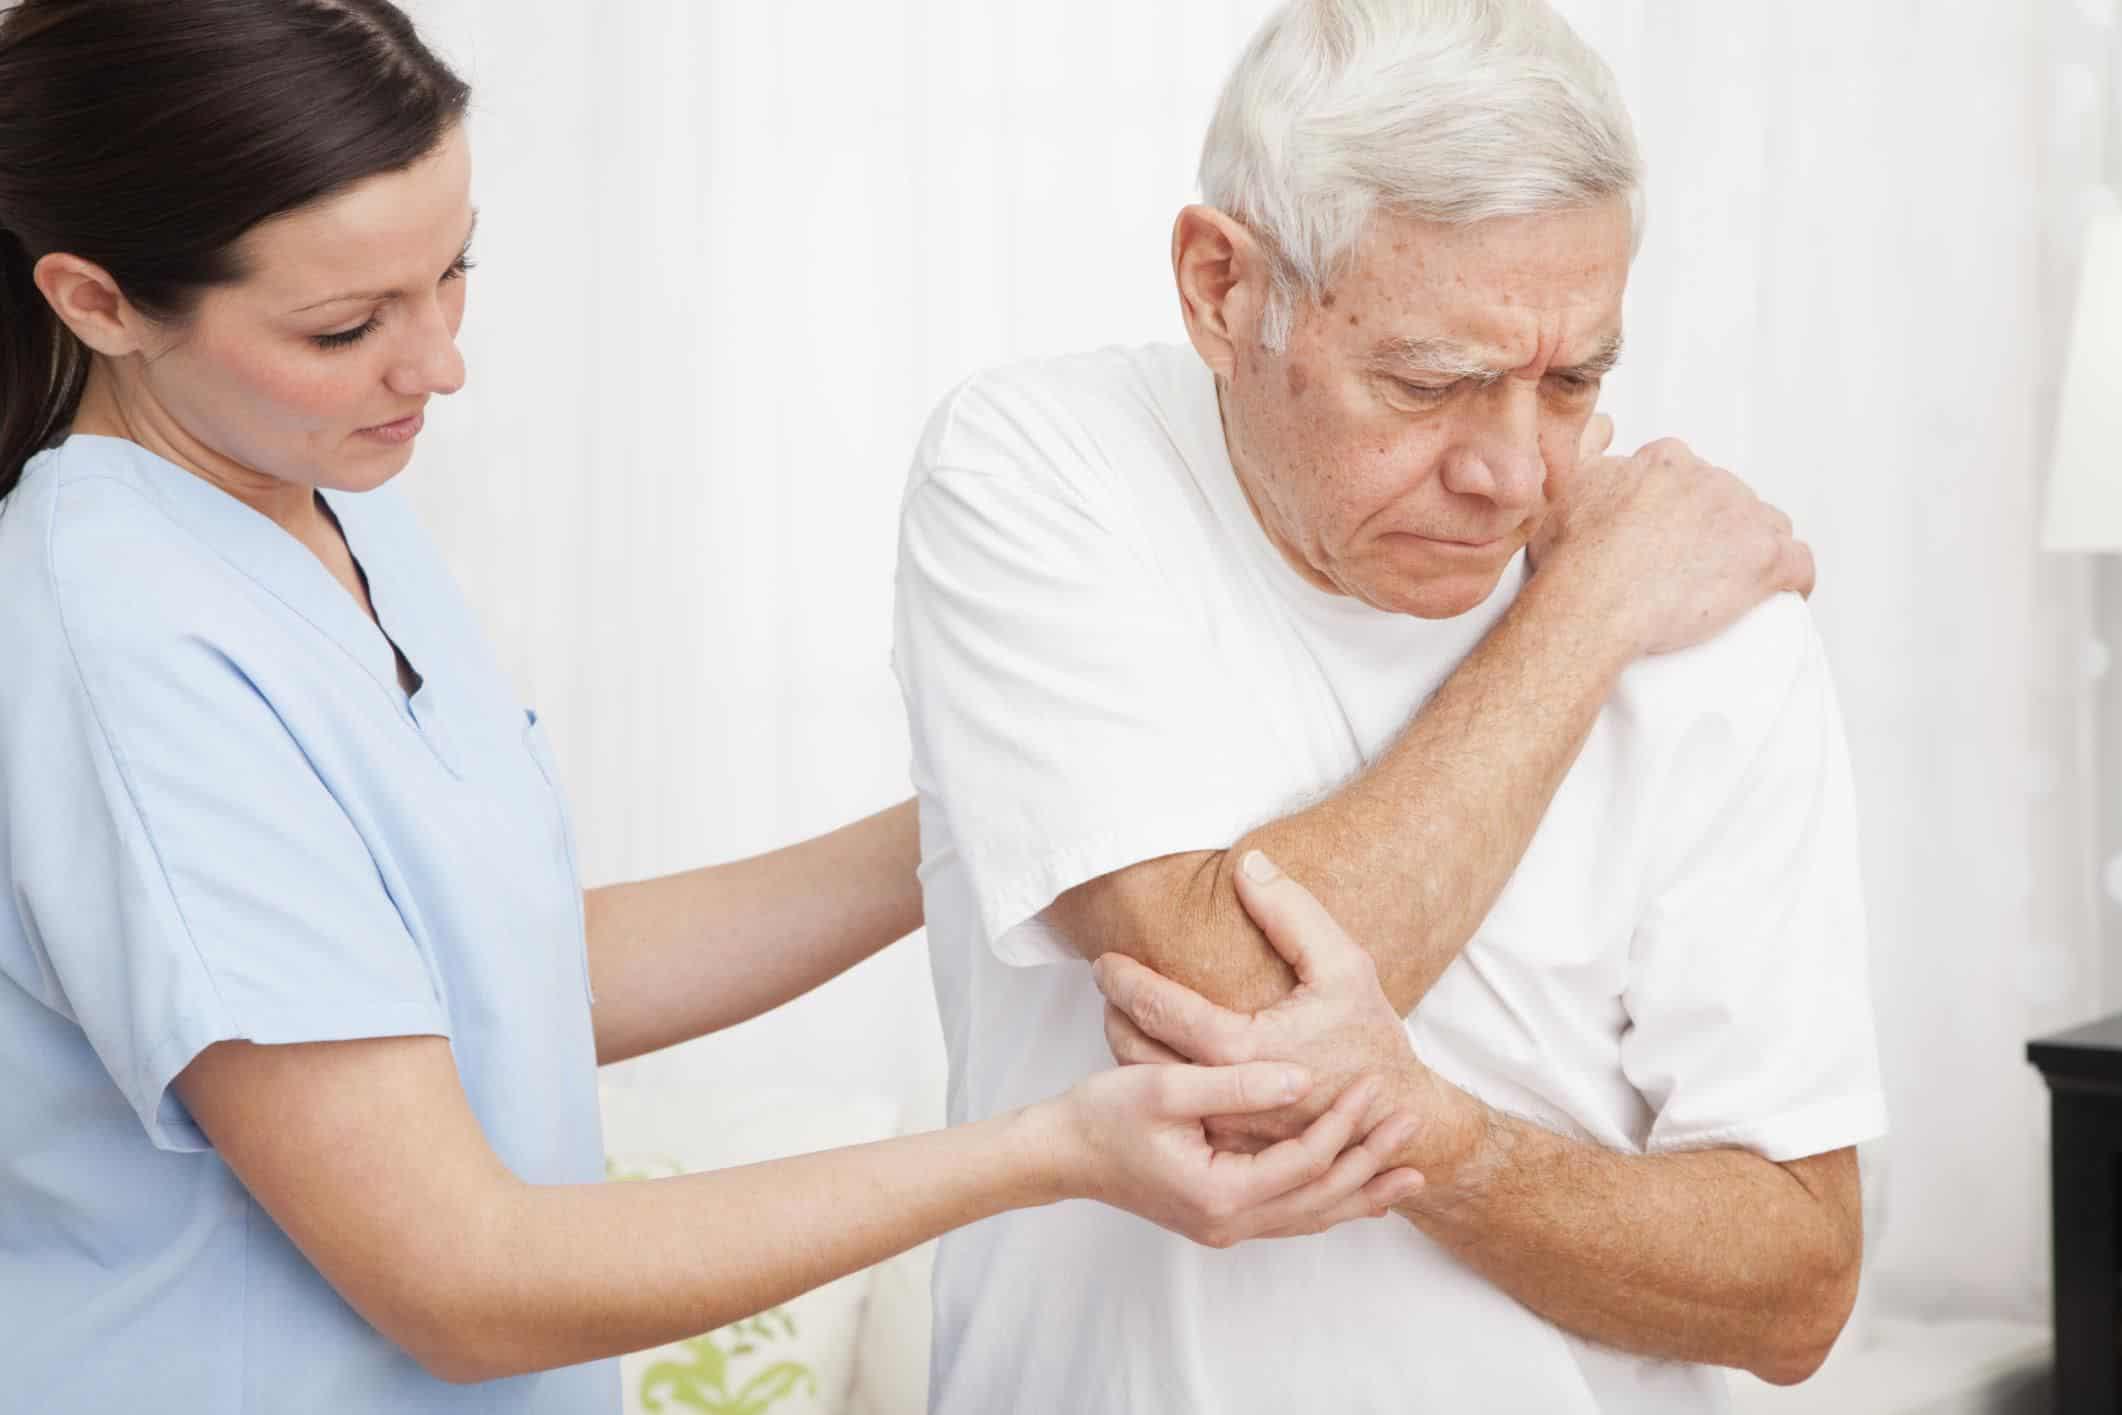 Những lưu ý khi chăm sóc người bị tiểu đường | Dịch vụ chăm sóc bệnh nhân